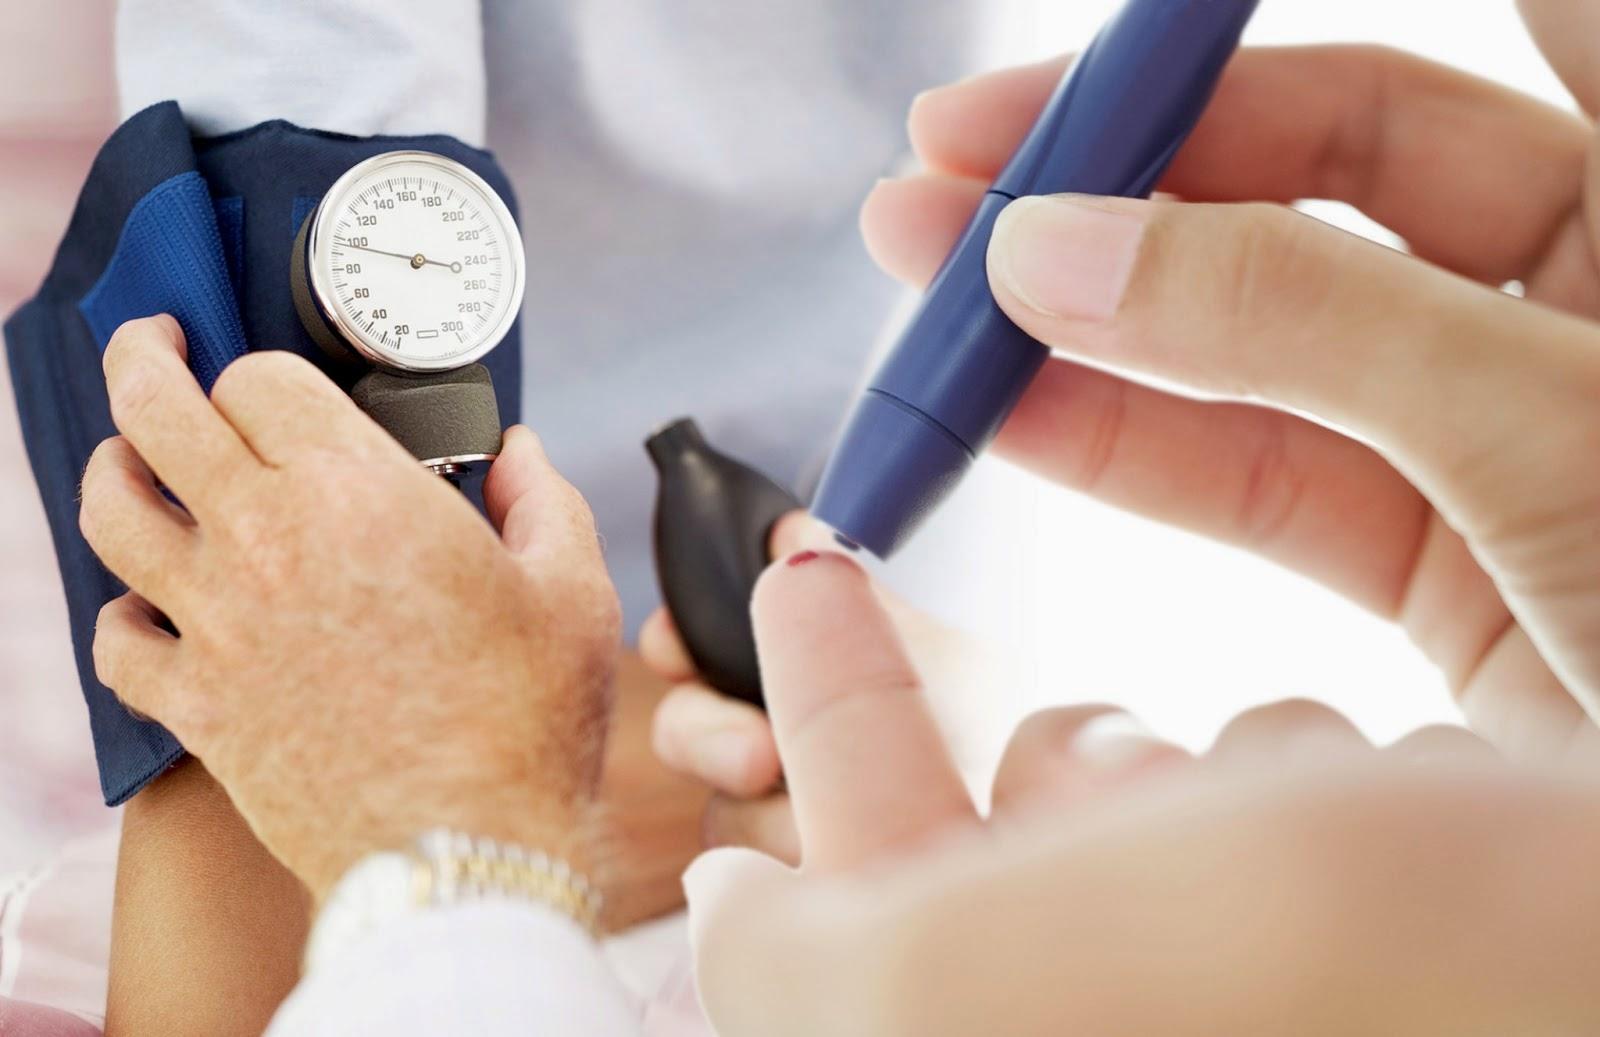 Người bệnh tiểu đường dễ bị suy thận, do đó cần kiểm soát tốt lượng đường trong máu bình thường